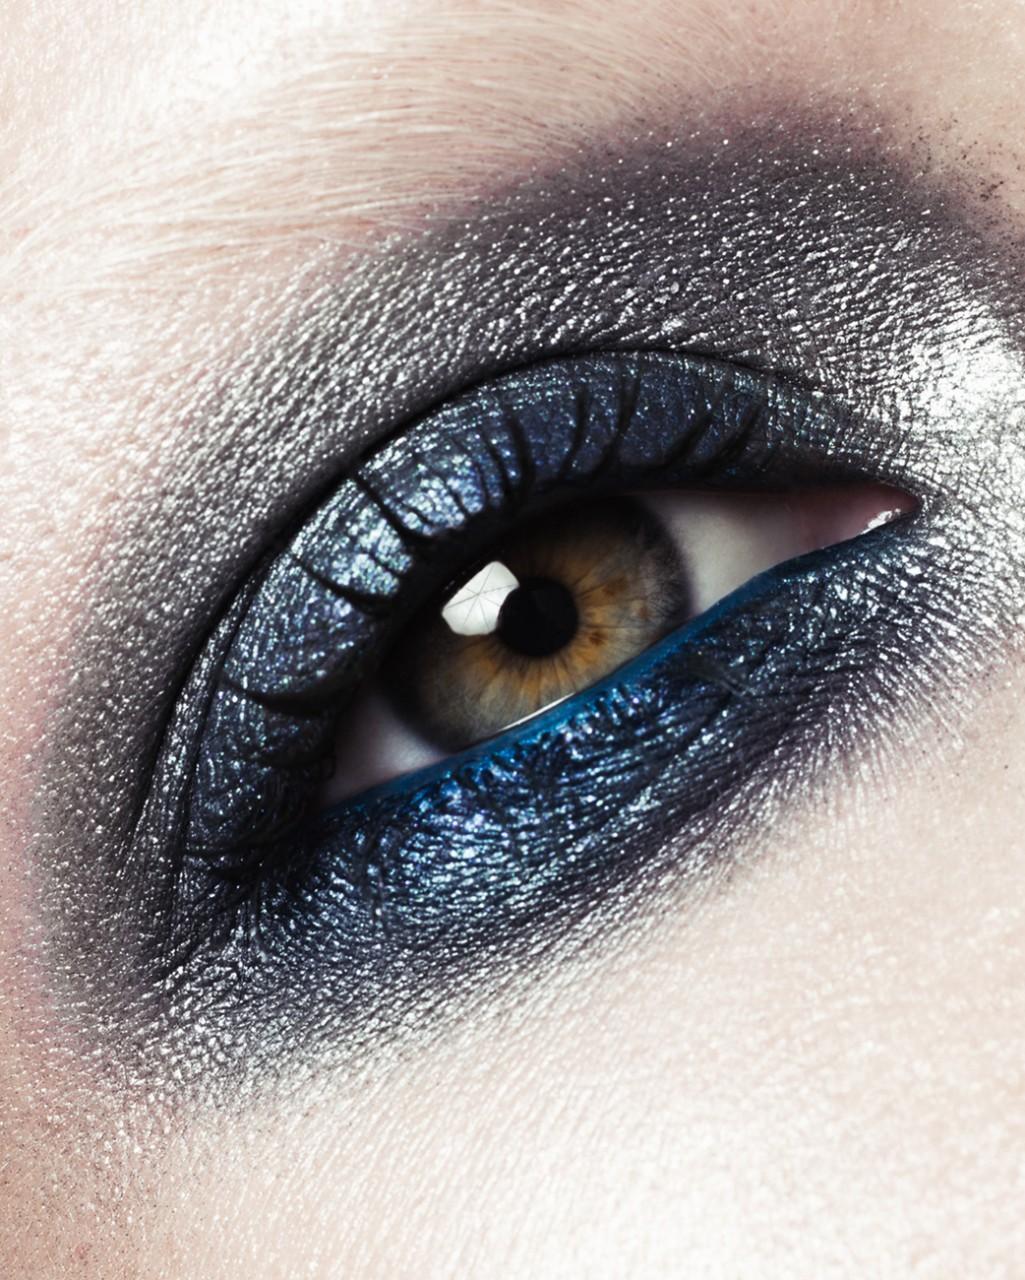 I, eye